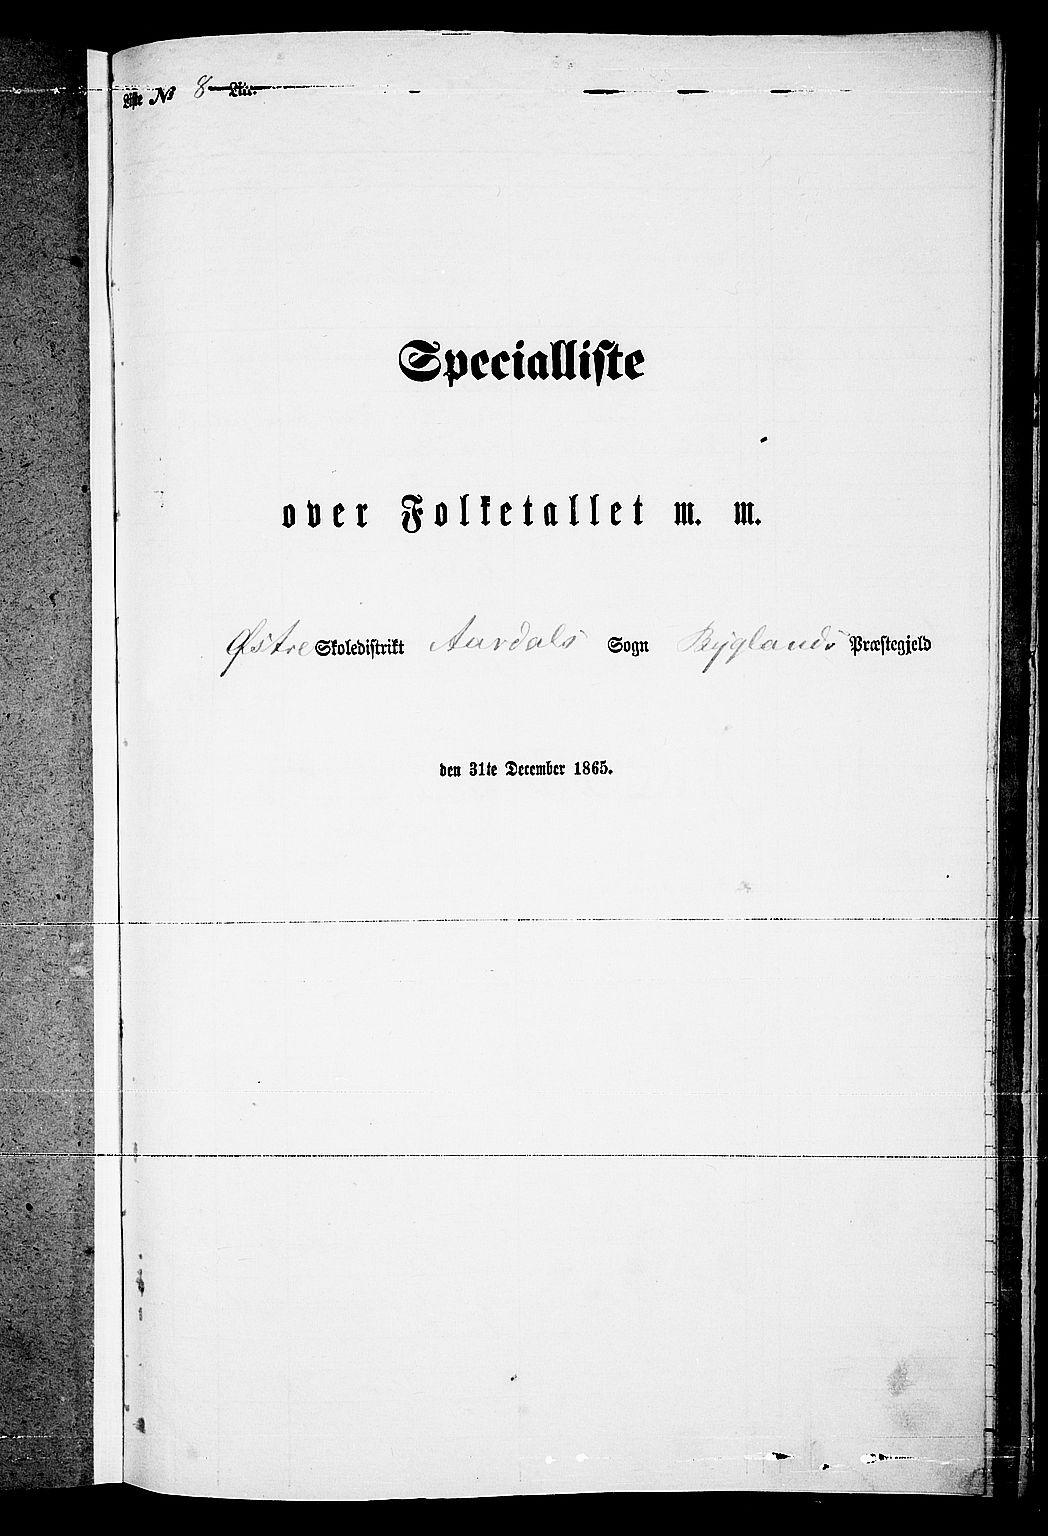 RA, Folketelling 1865 for 0938P Bygland prestegjeld, 1865, s. 79